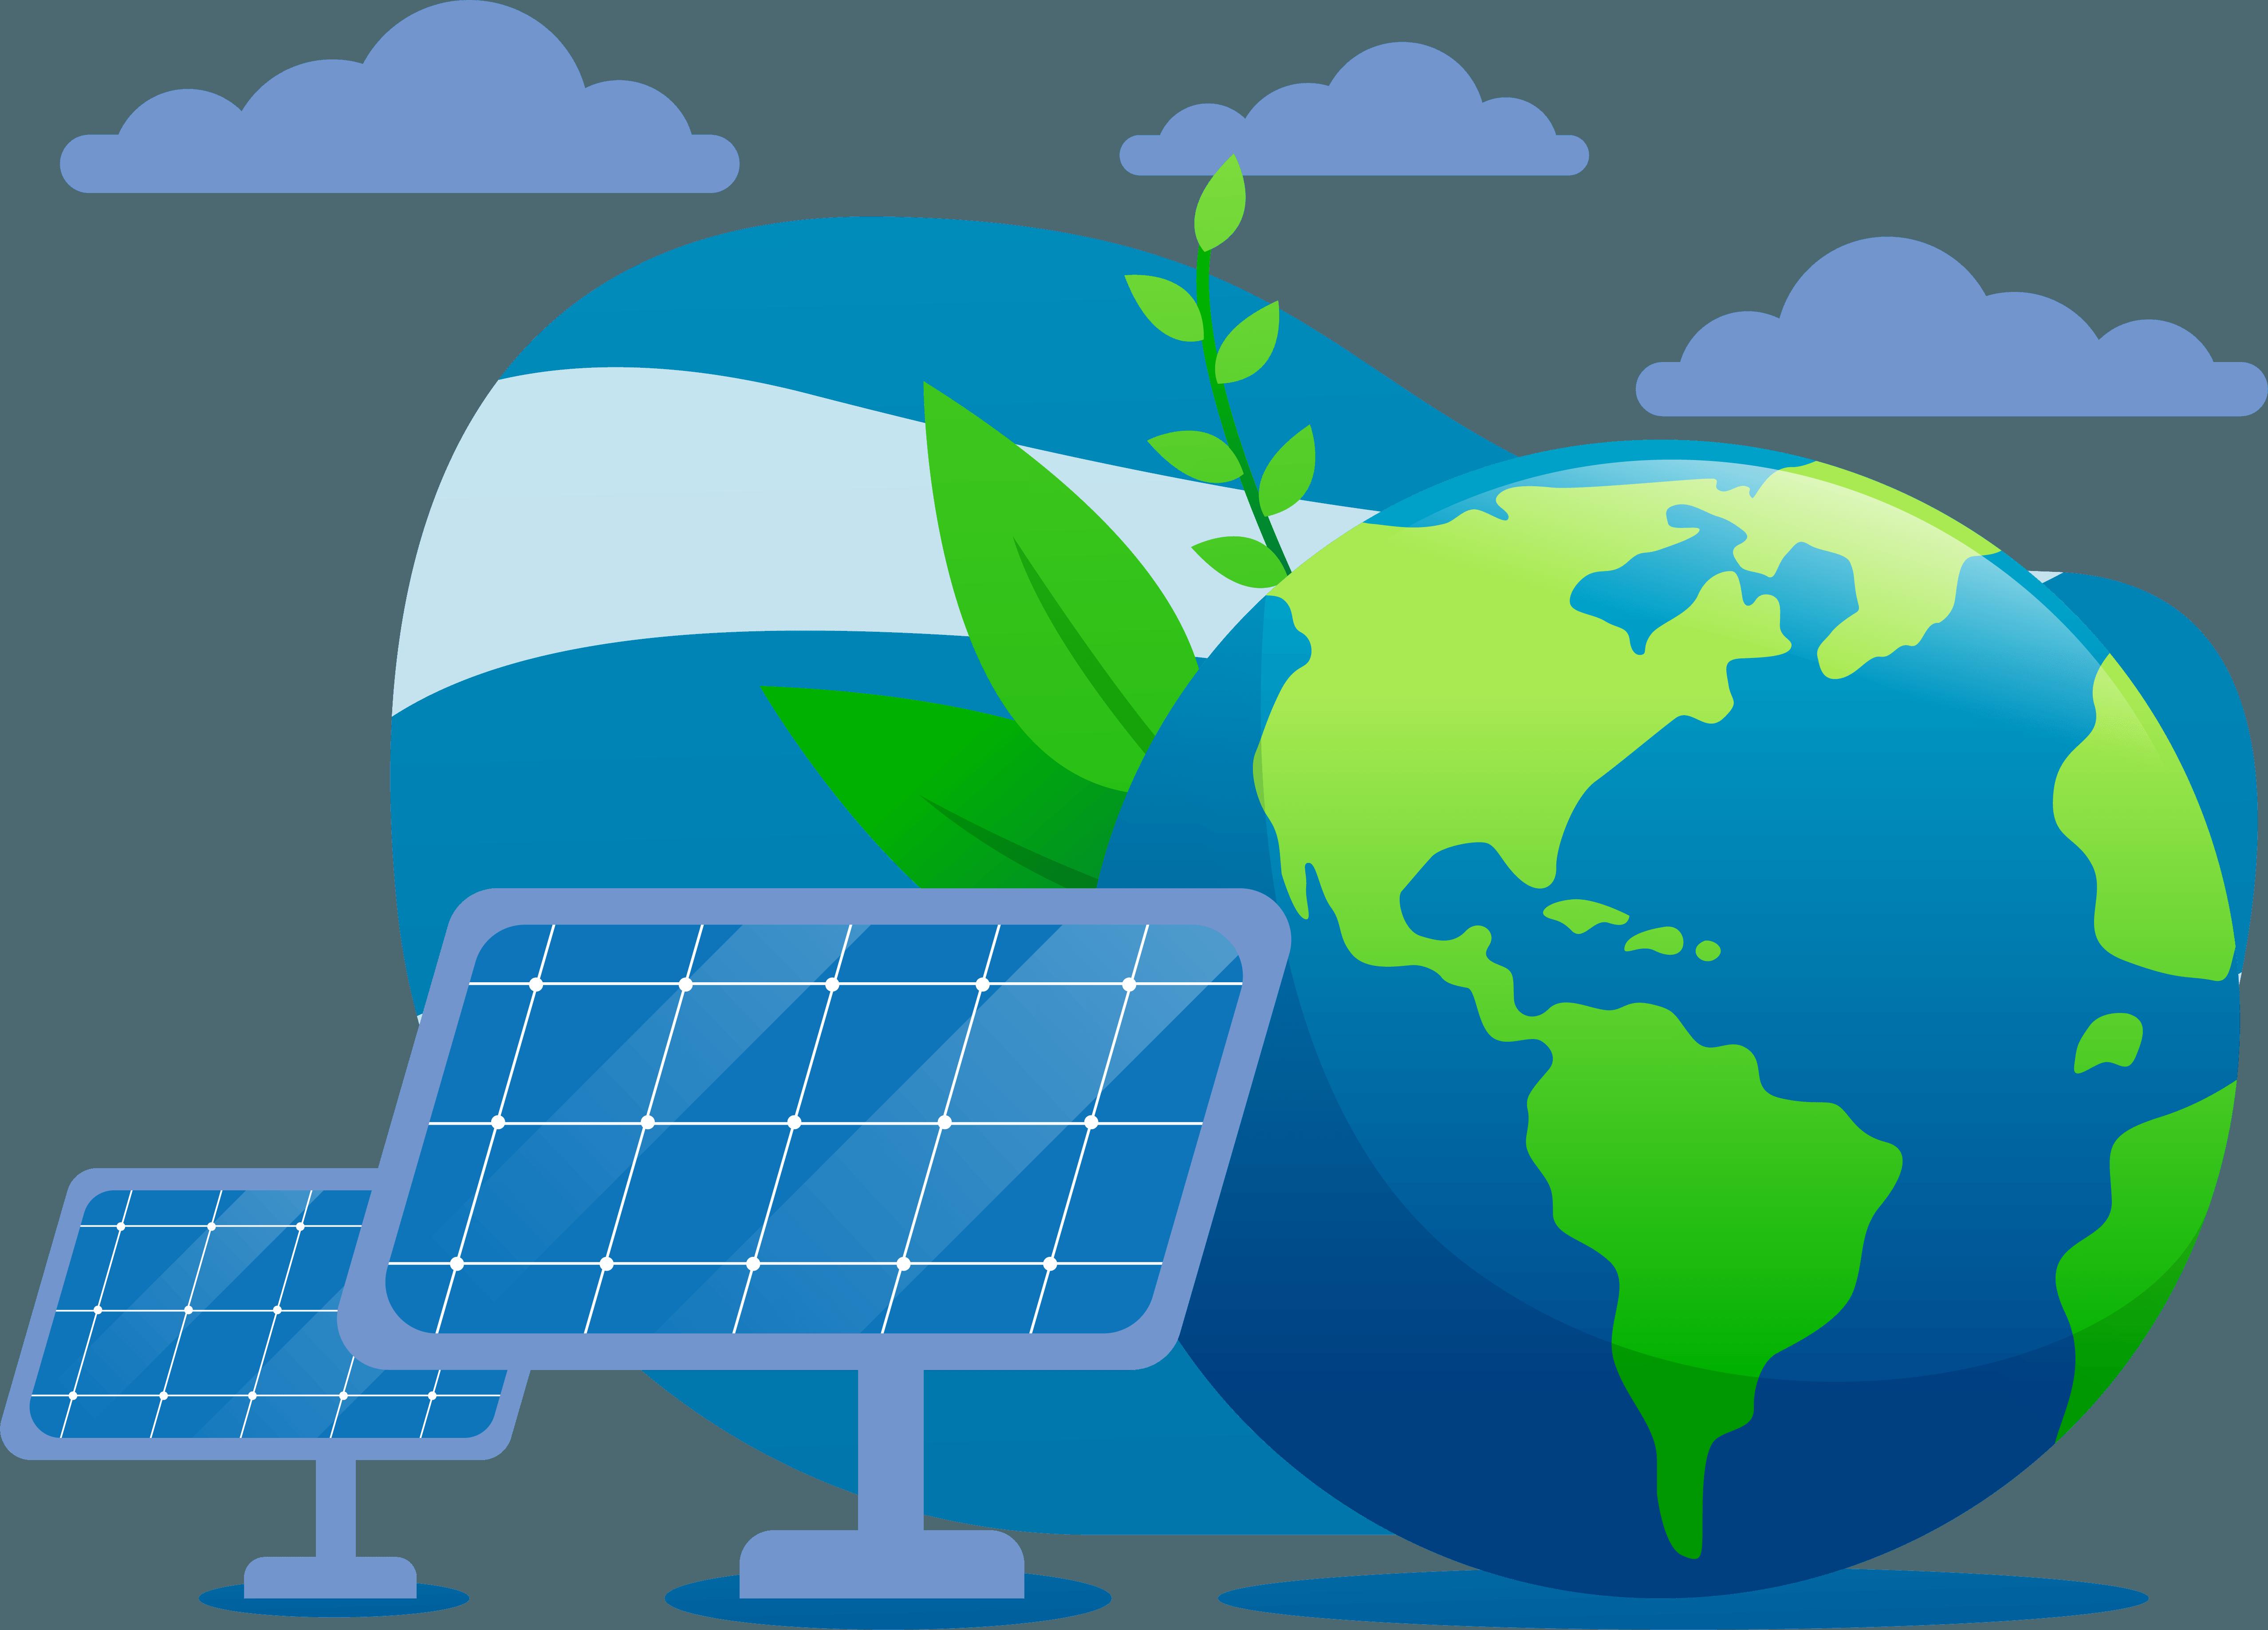 Distribution-Réalisation-Maintenance-Automatisation-Electricité Industrielle-Energie Solaire-Traitement des Eaux-AUTELEC-MAROC